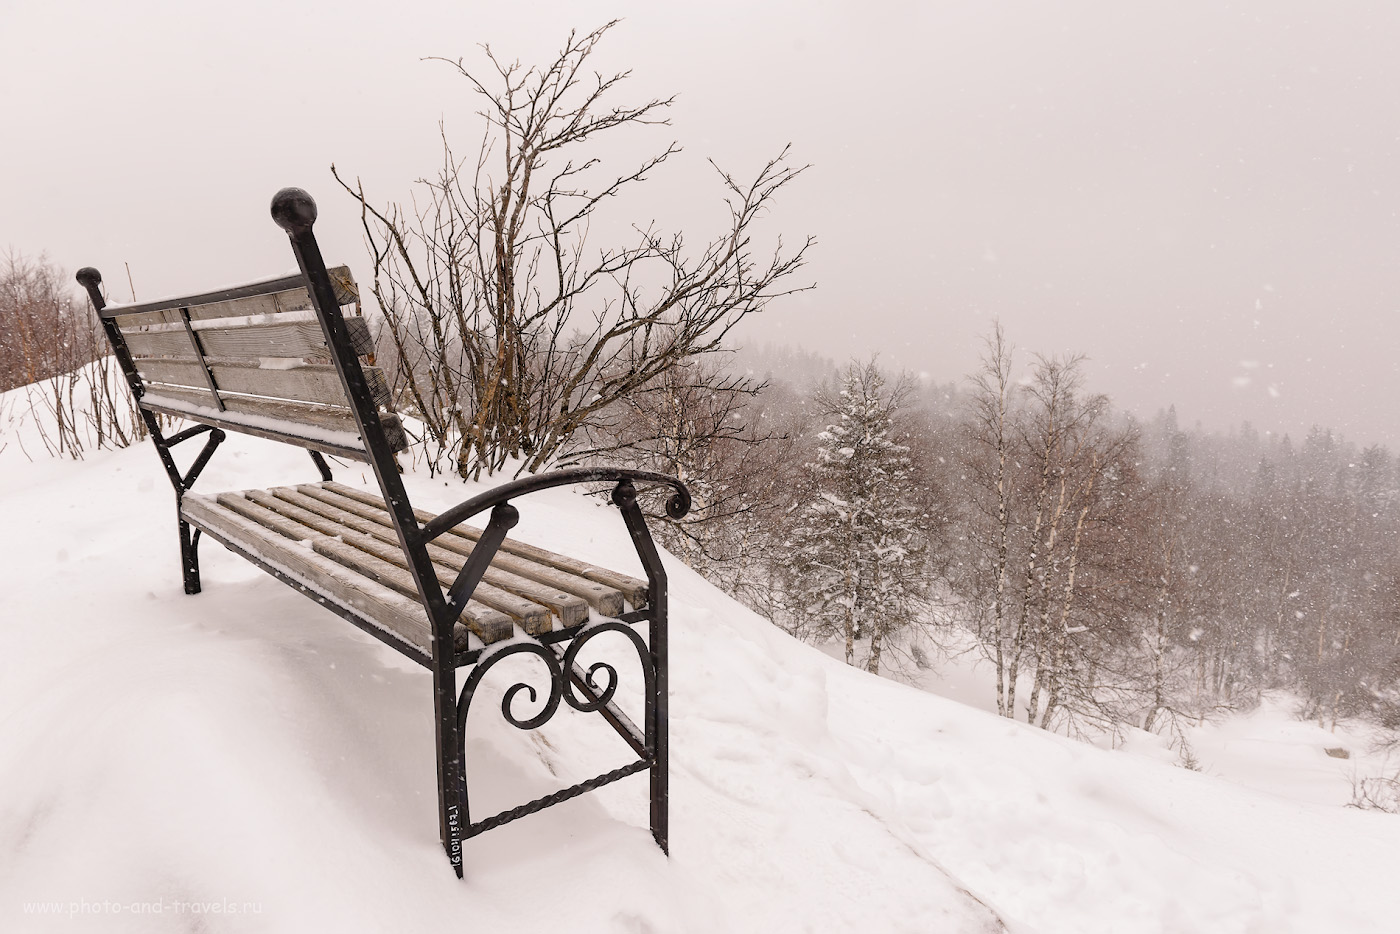 Фотография 6. Заколдованная скамейка у Черной скалы на Таганае. Отзывы туристов о поездках по интересным местам Челябинской области. Сюда можно приехать и с детьми. 1/640, +0.67, 8.0, 400, 24.